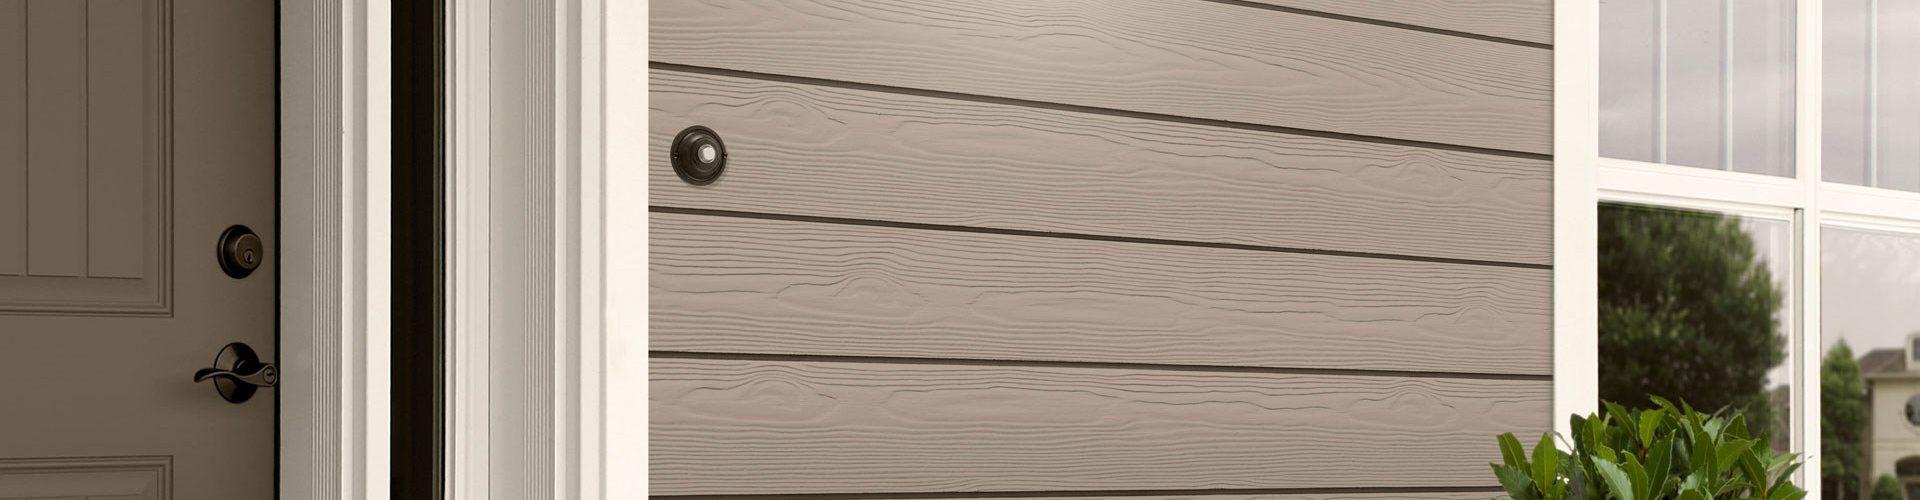 Cedral Click C03 Õrn maa - kiudtsement voodrilaud - puitu immiteeriv